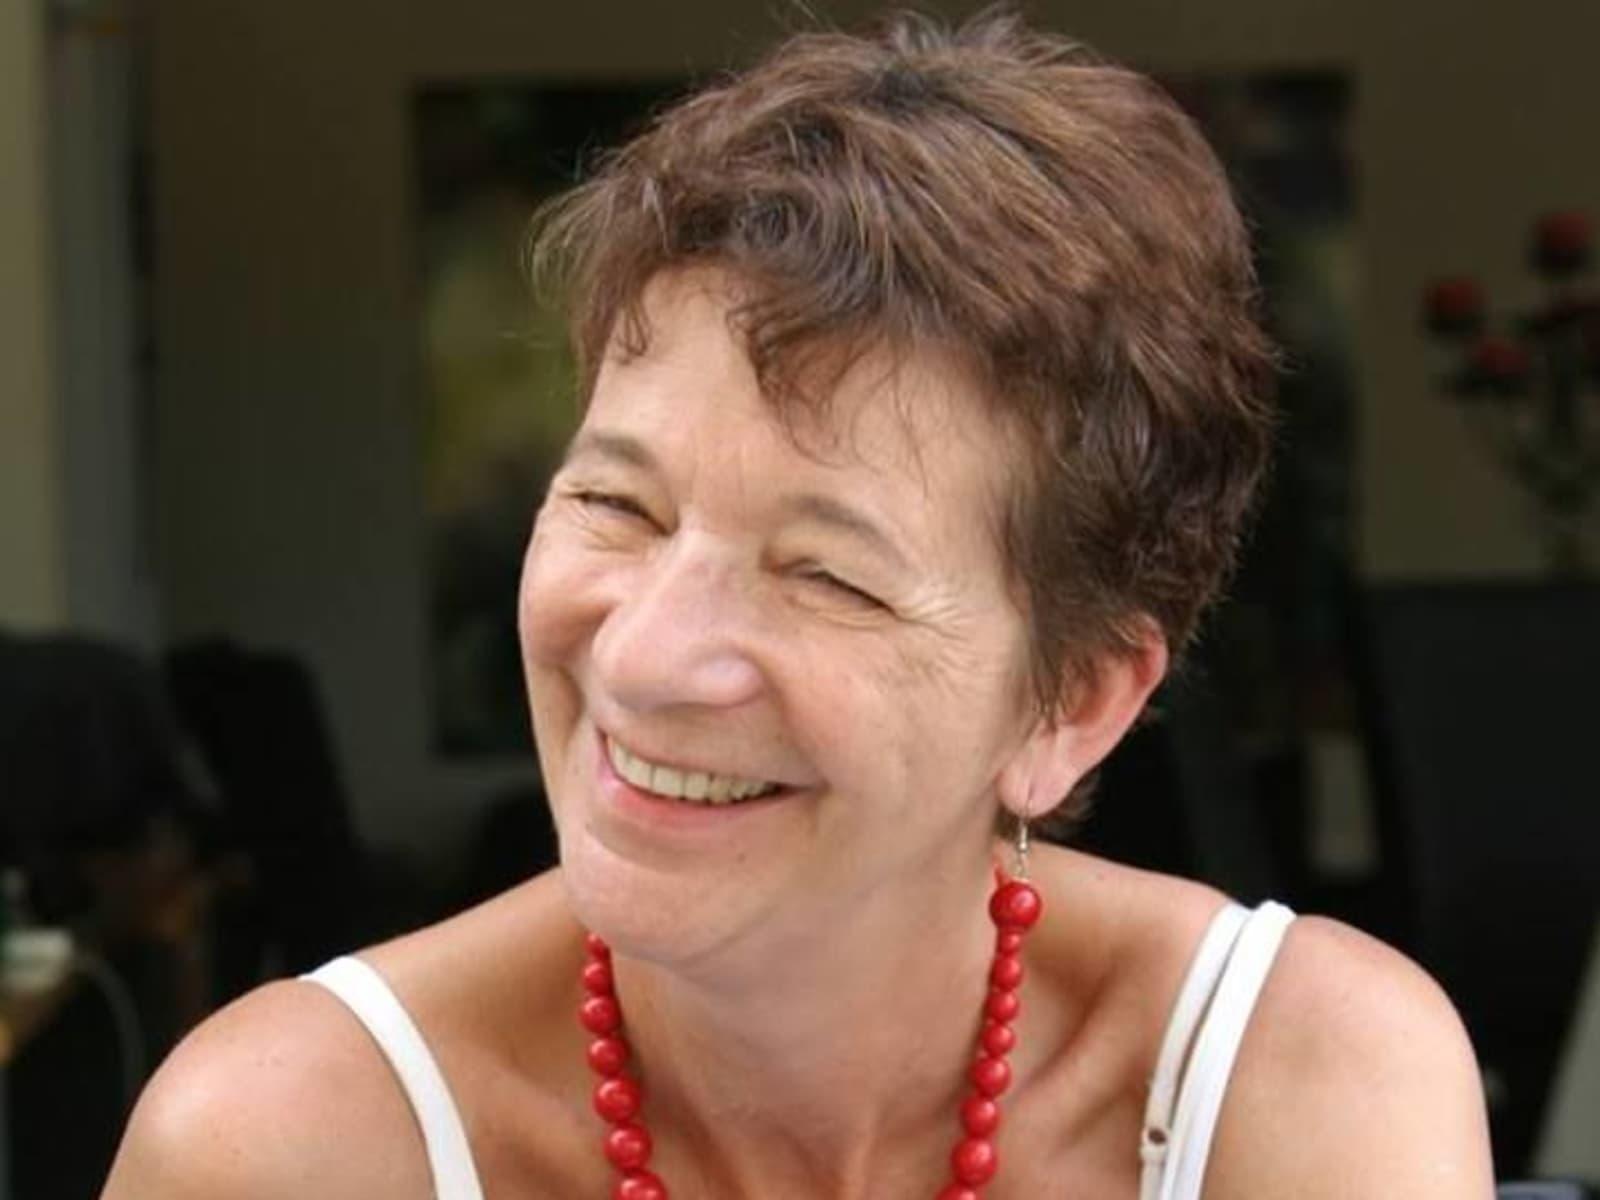 Martine from Melbourne, Victoria, Australia